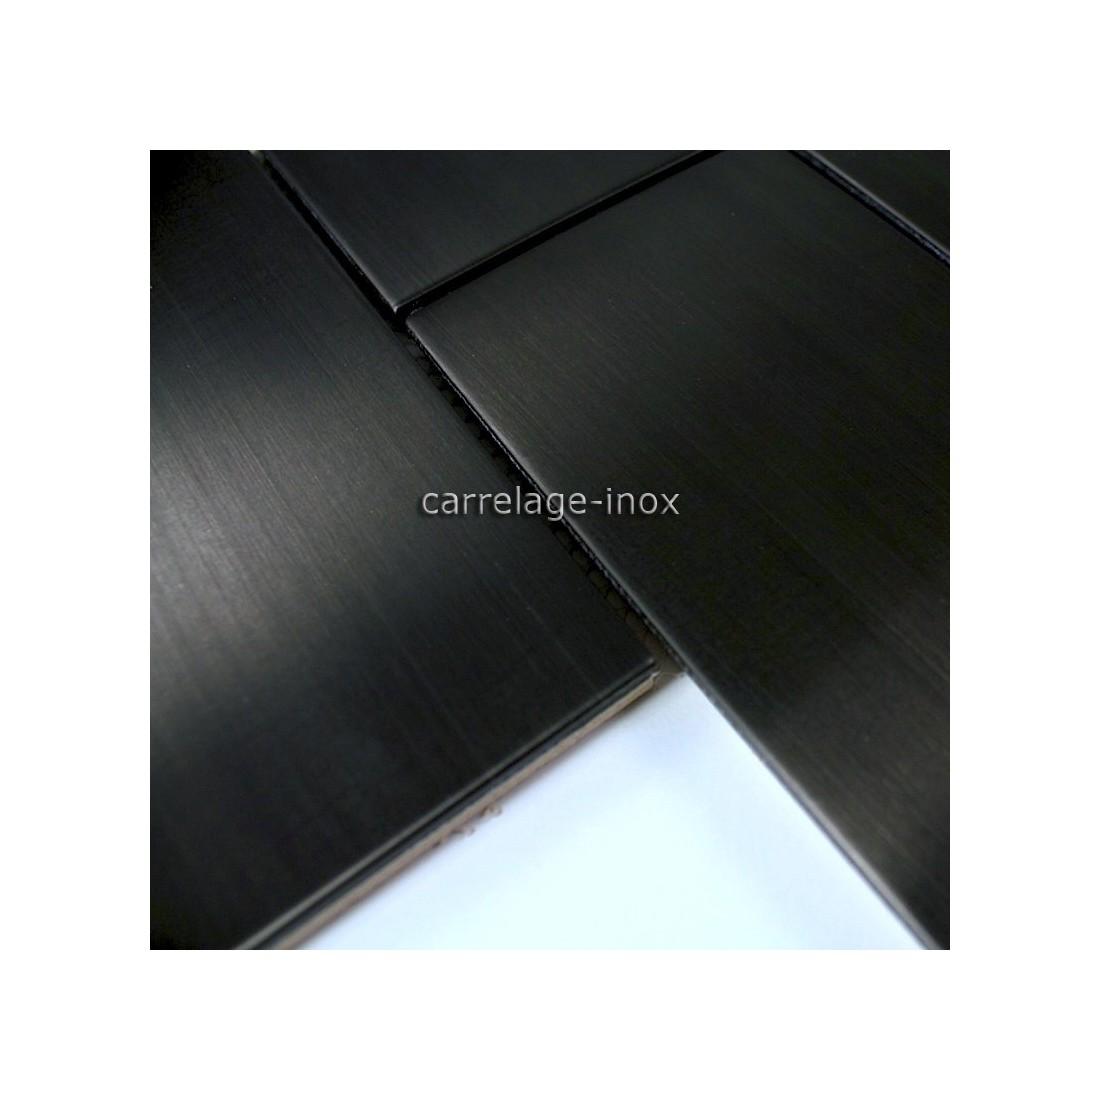 carrelage mosaique inox bross noir cuisine brique150 noir. Black Bedroom Furniture Sets. Home Design Ideas